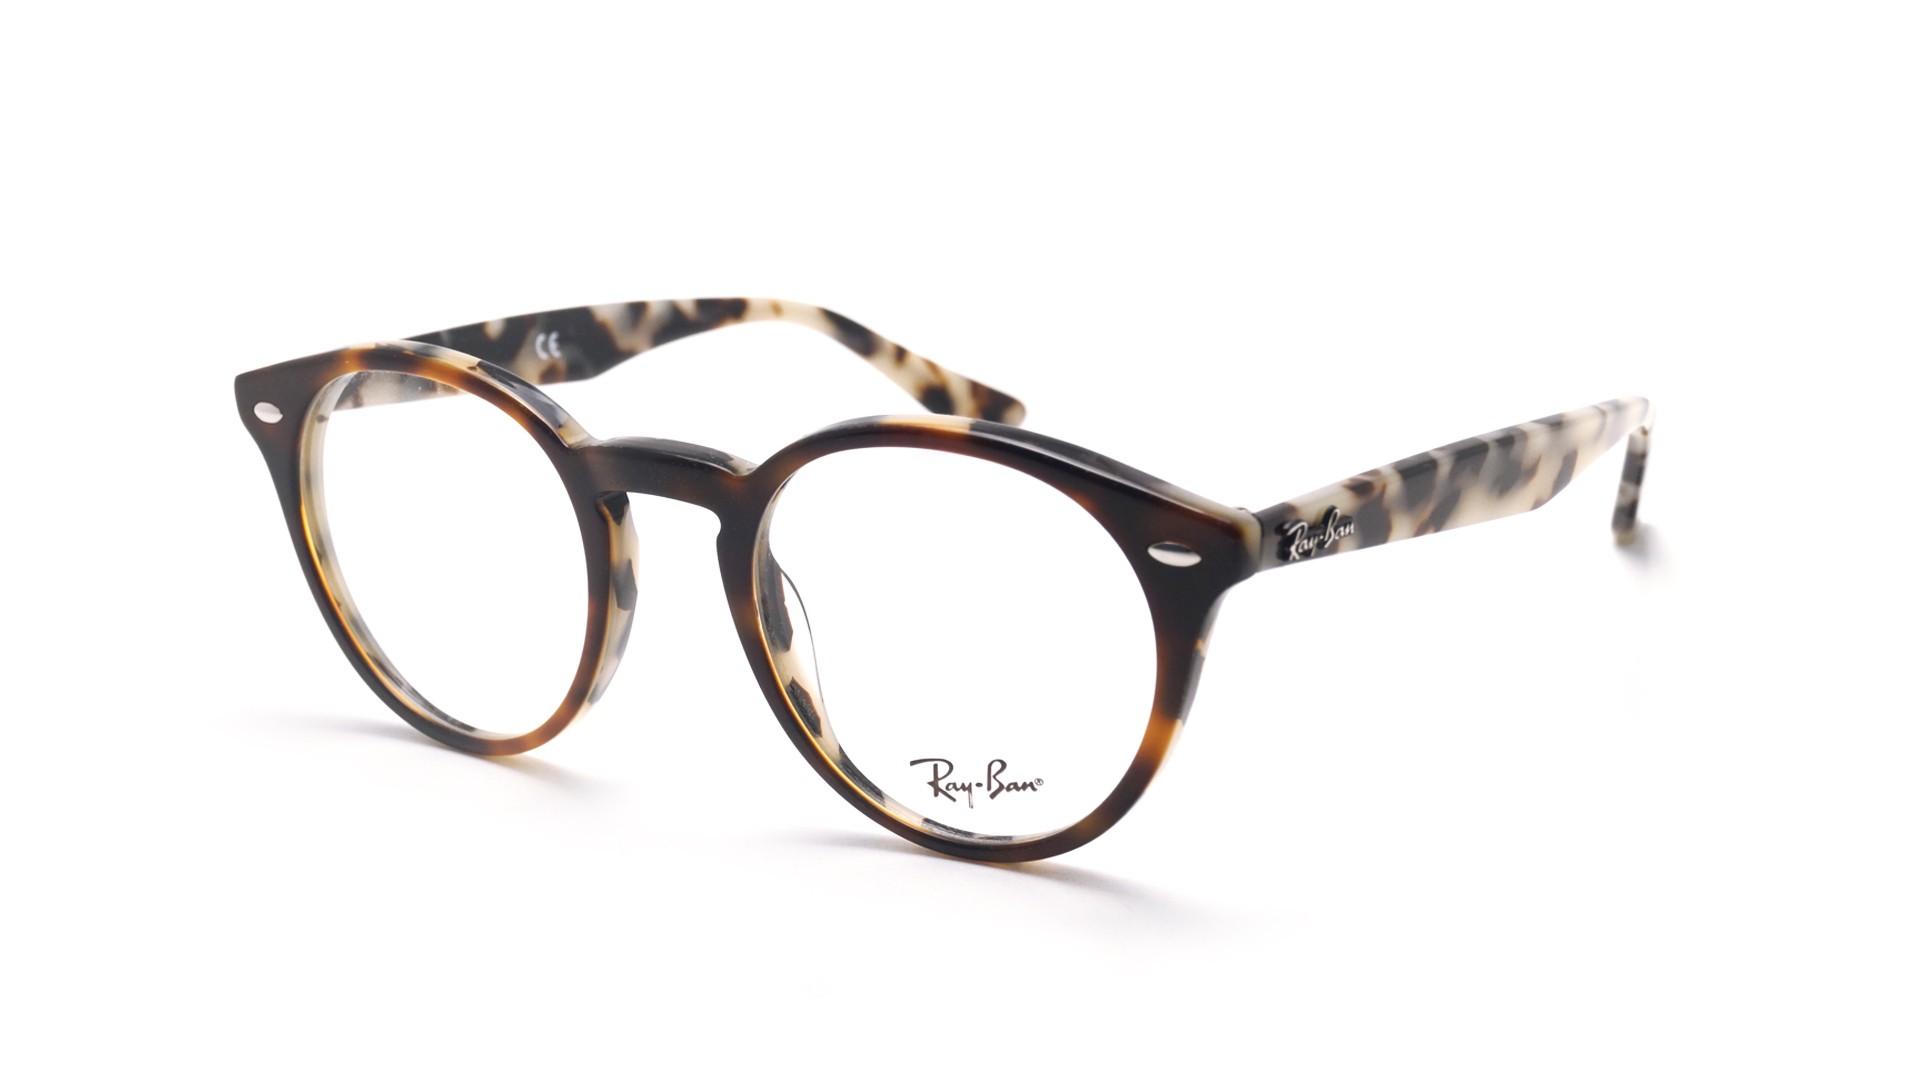 8b10936c3fc07 Eyeglasses Ray-Ban RX2180V RB2180 5676 47-21 Tortoise Small